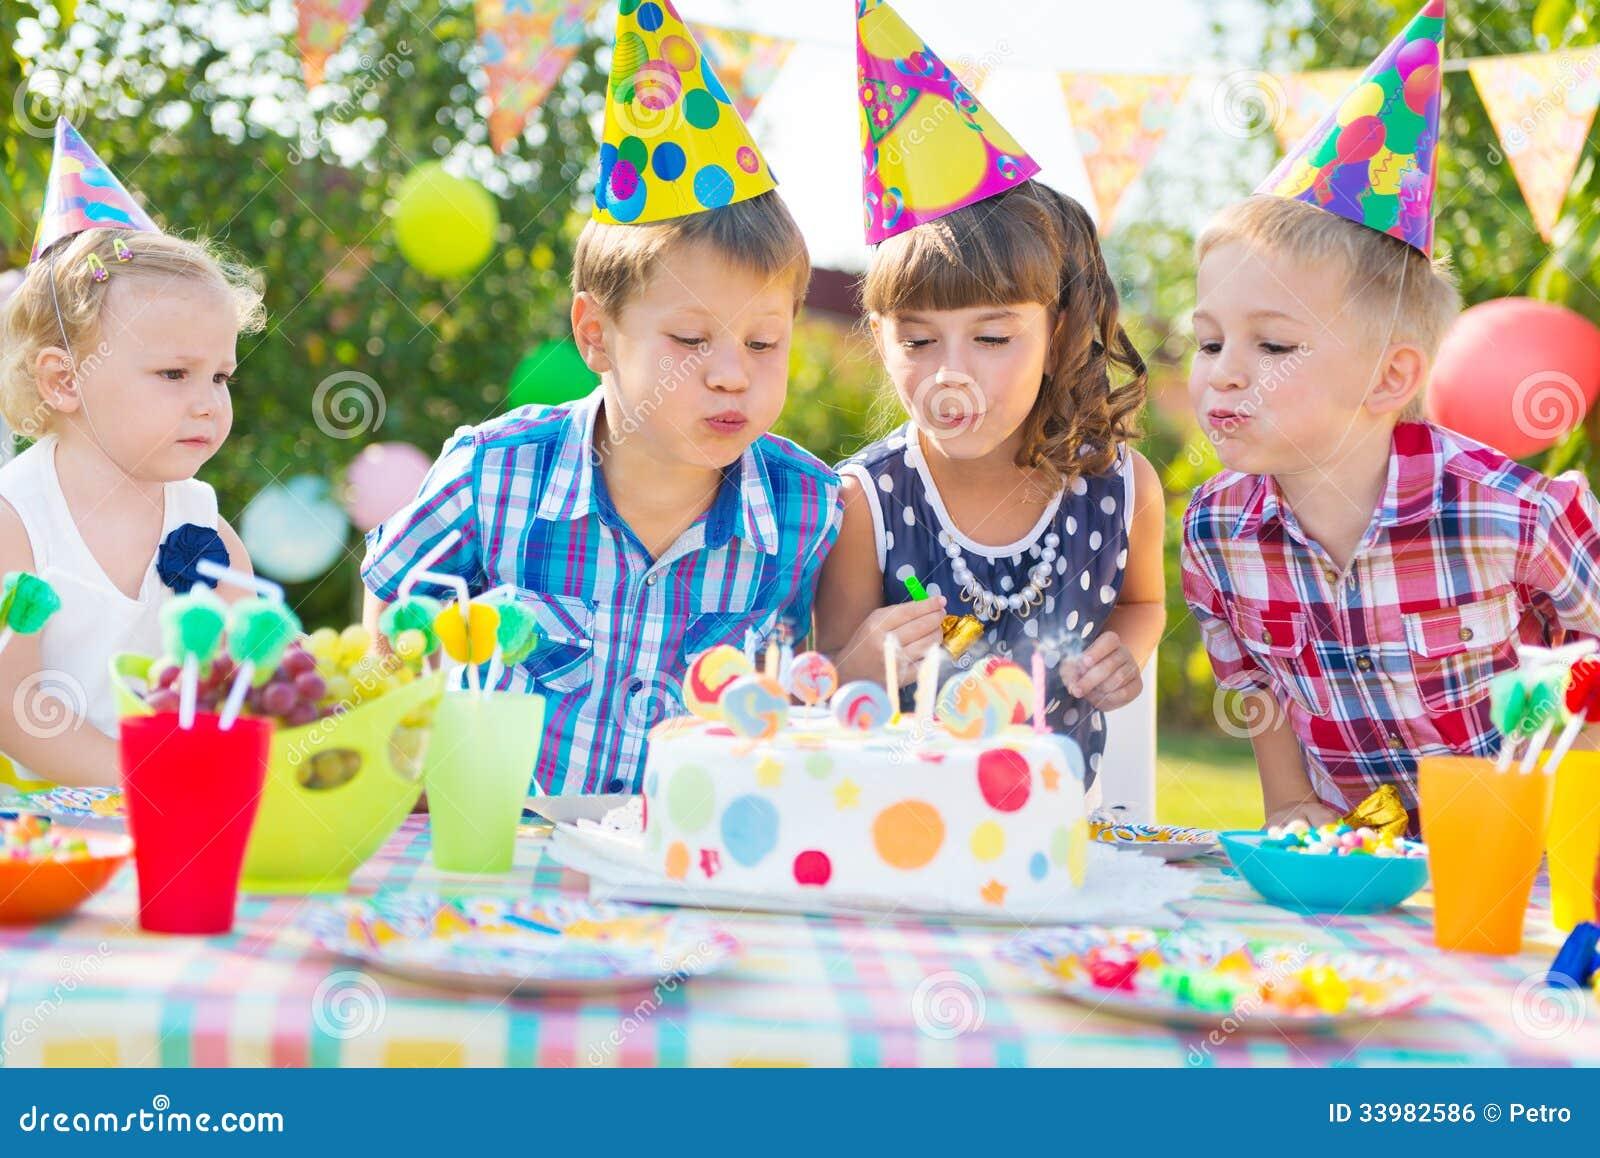 Scherzt Schlagkerzen auf Kuchen an der Geburtstagsfeier